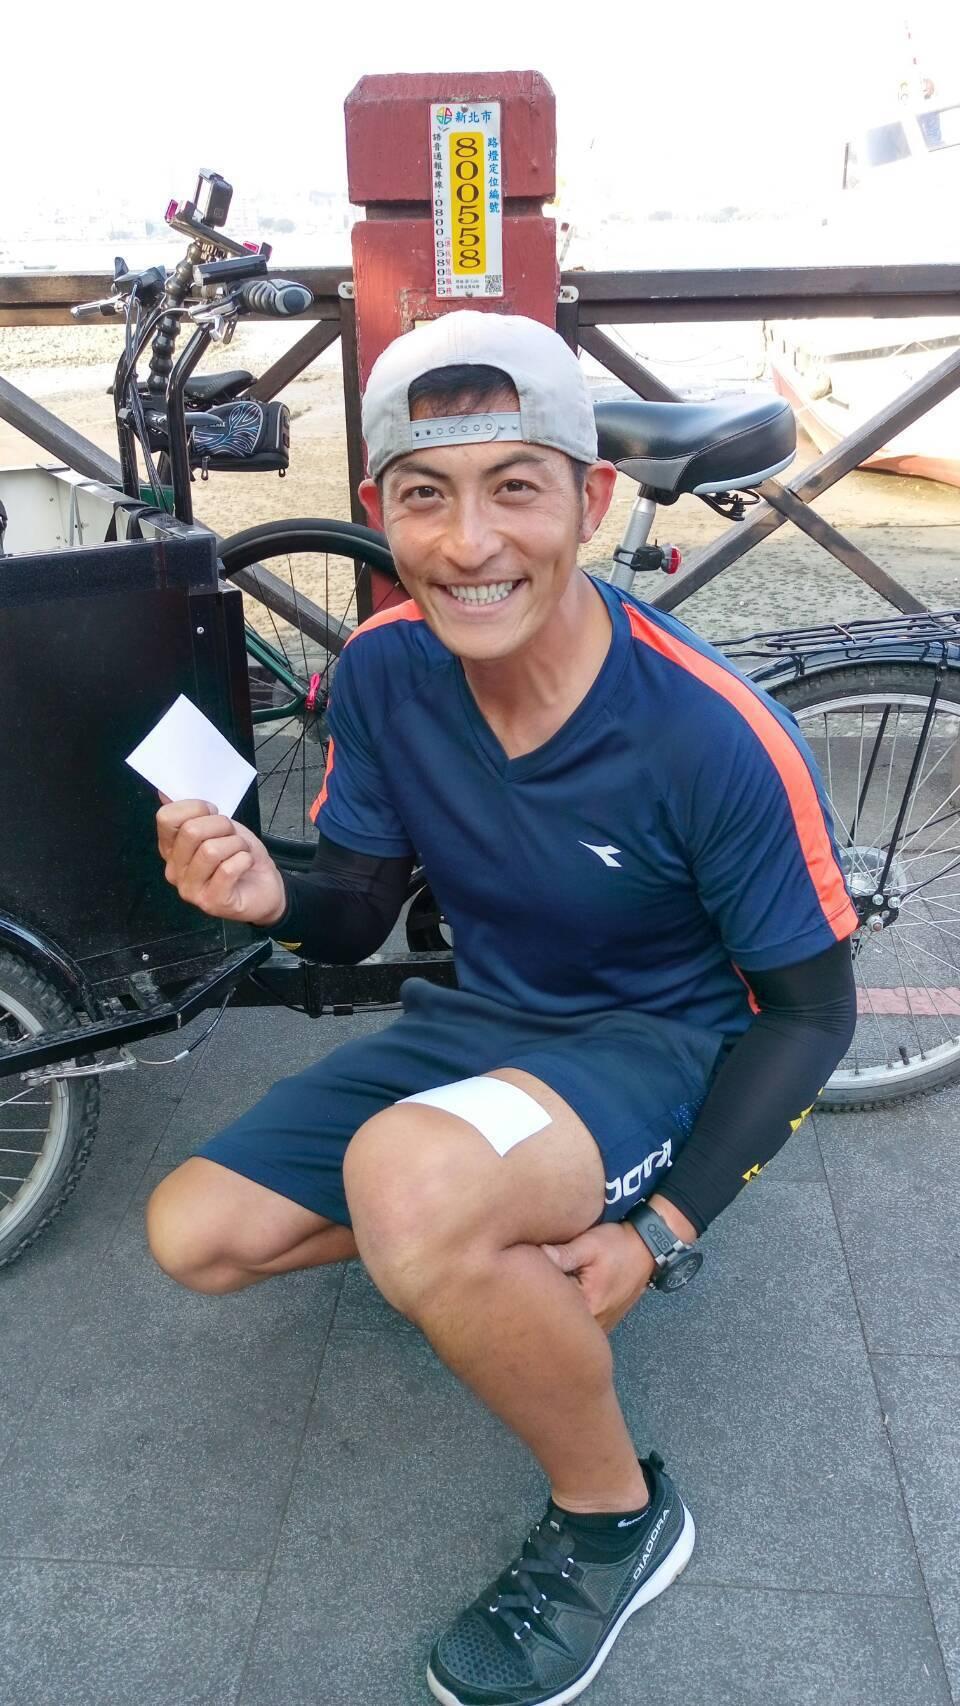 趙駿亞結束30天單騎環島,經紀公司送酸痛貼布。圖/海納百川提供